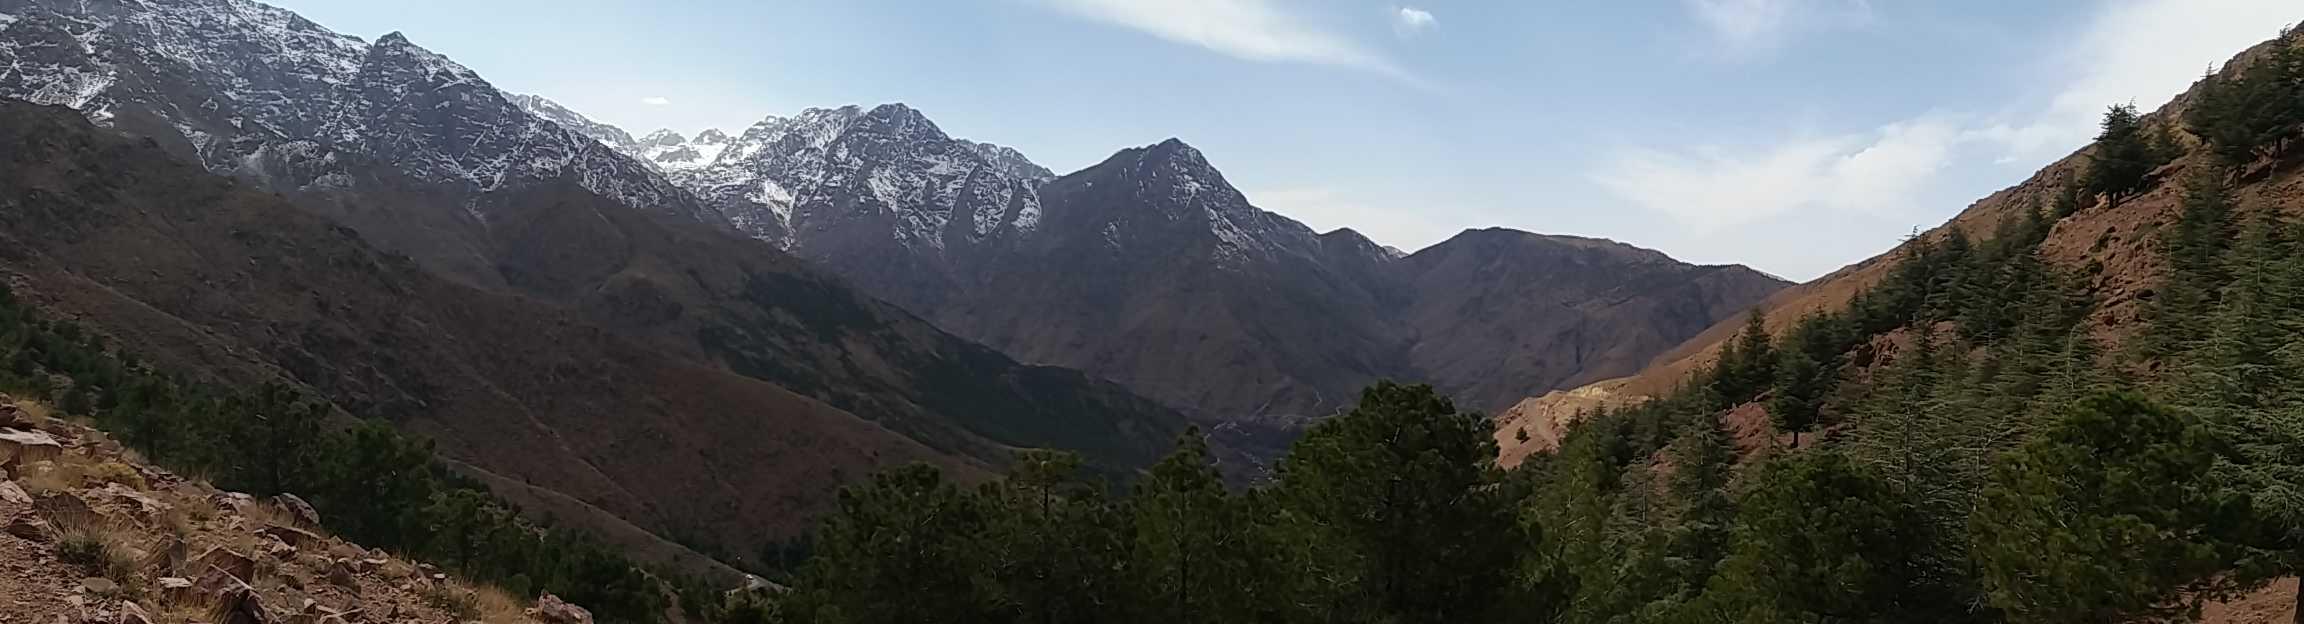 údolí Imlil v Maroku